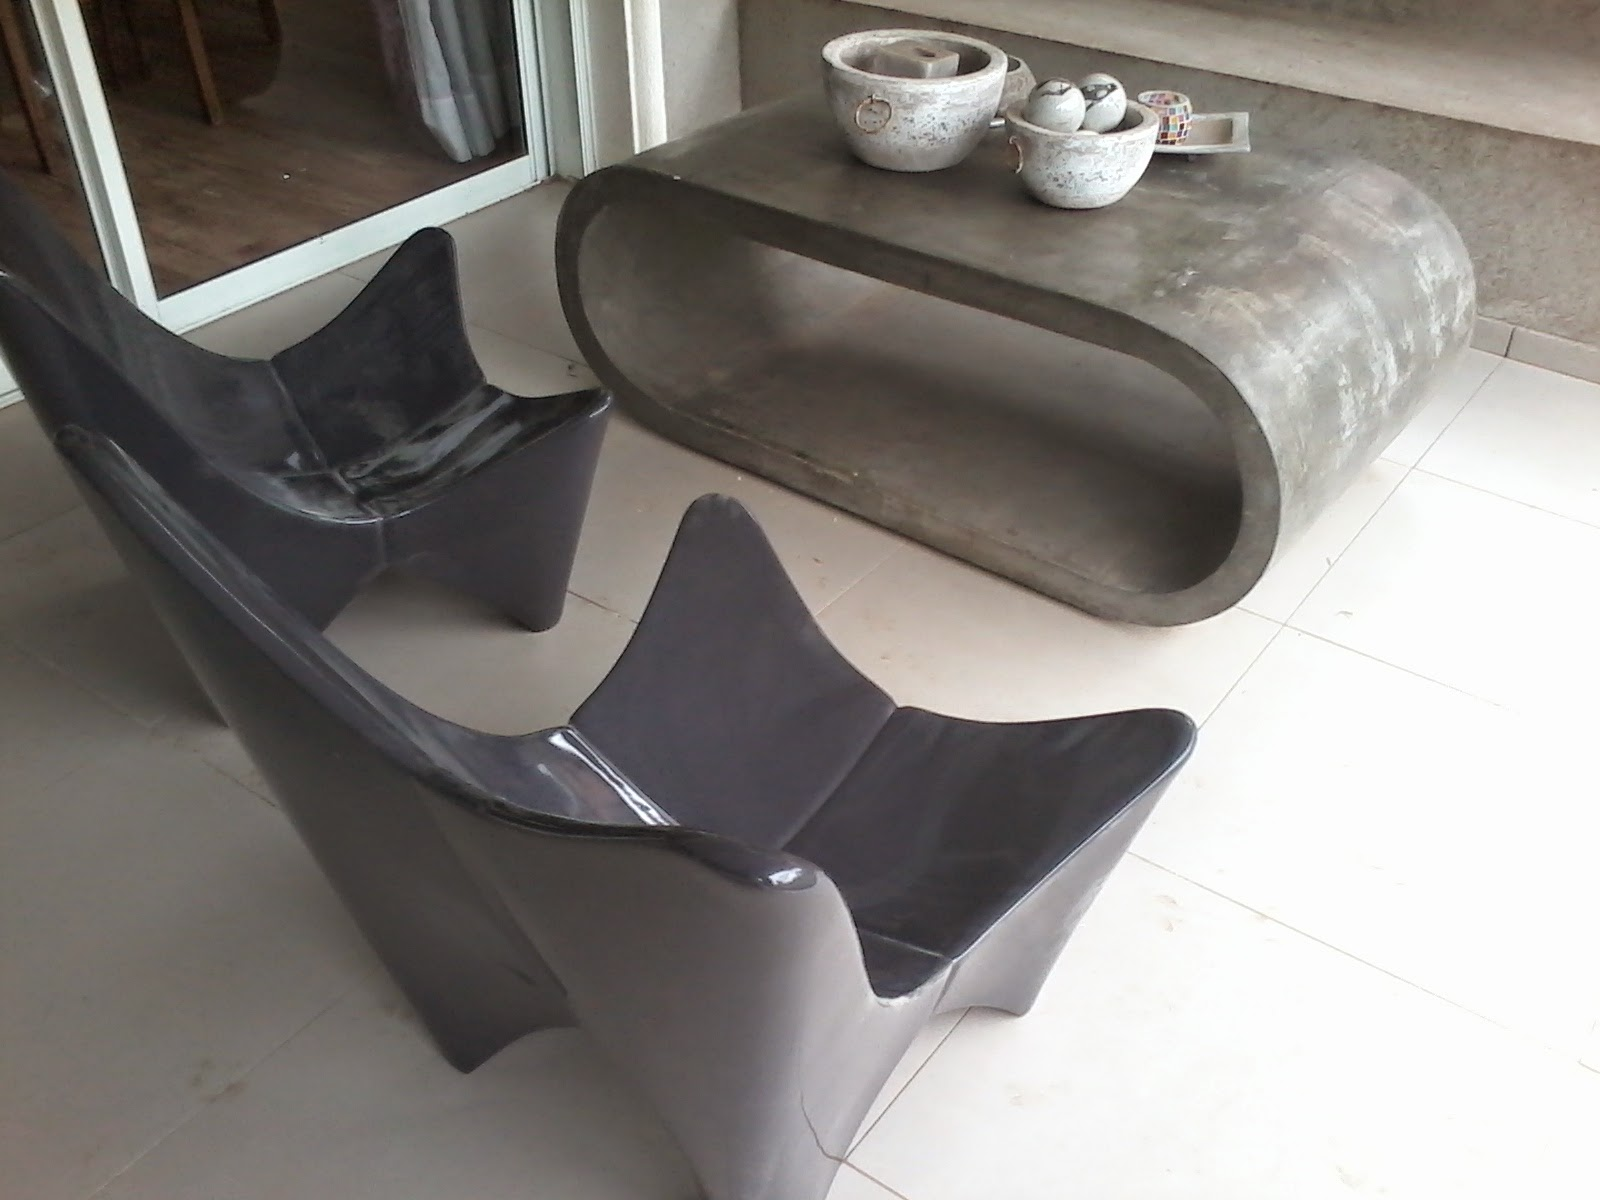 Cemento Liviano Muebles Images # Muebles Cemento Liviano